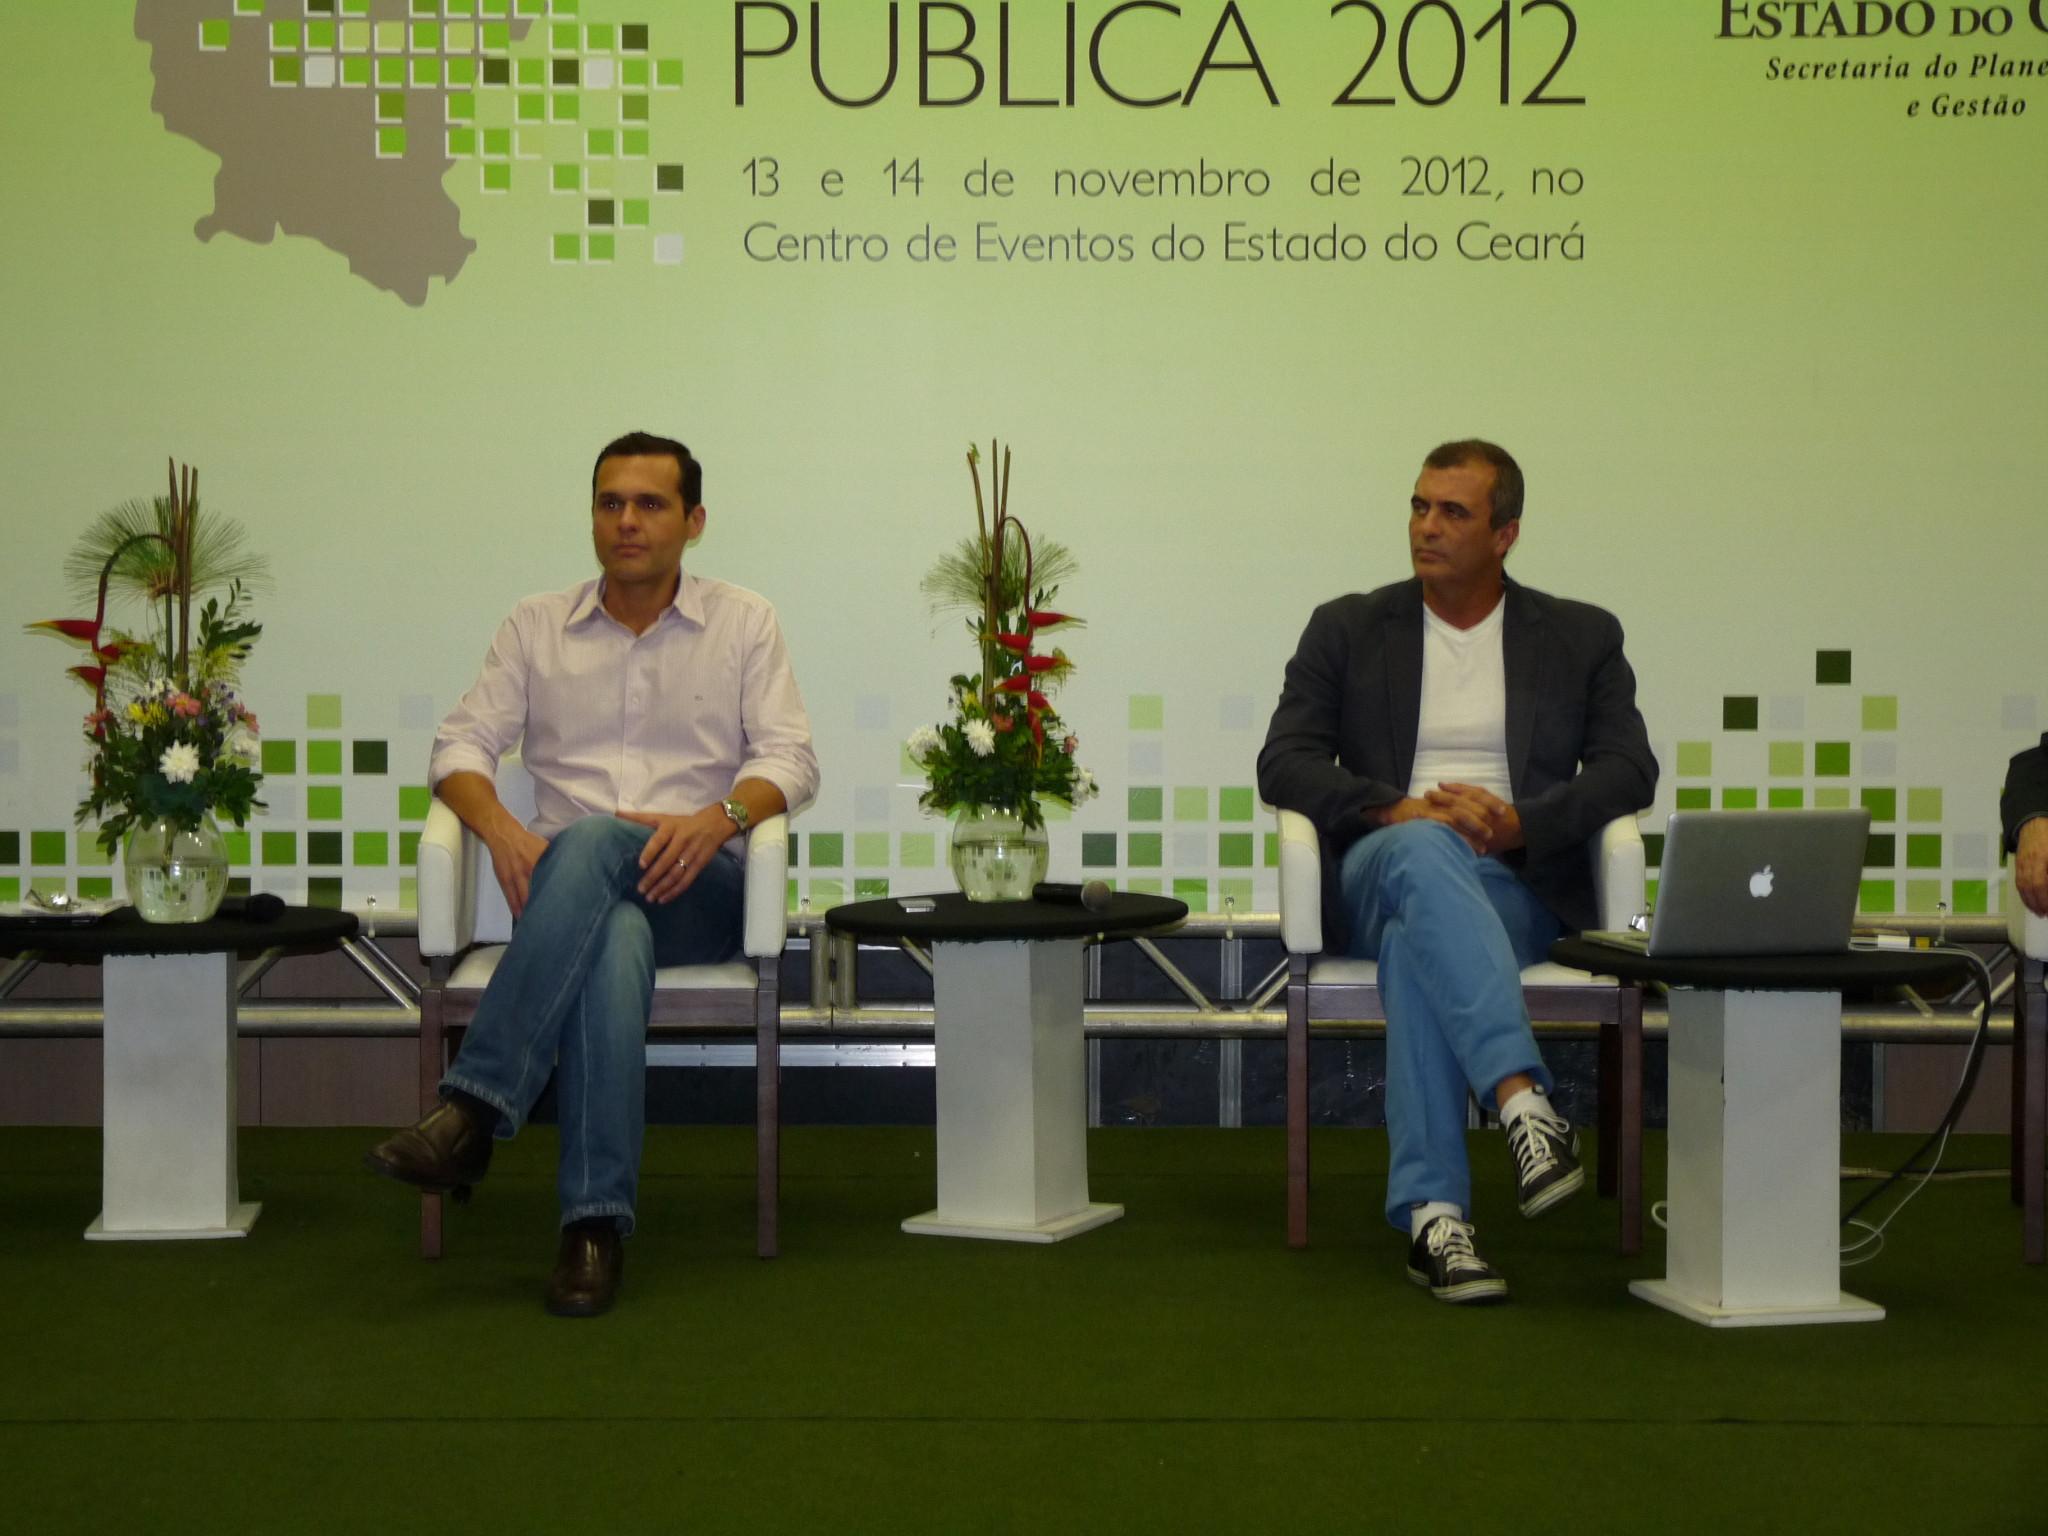 14-11-2012 - Congresso de Gestão Pública 2012 - Centro de Eventos do Ceará (34)